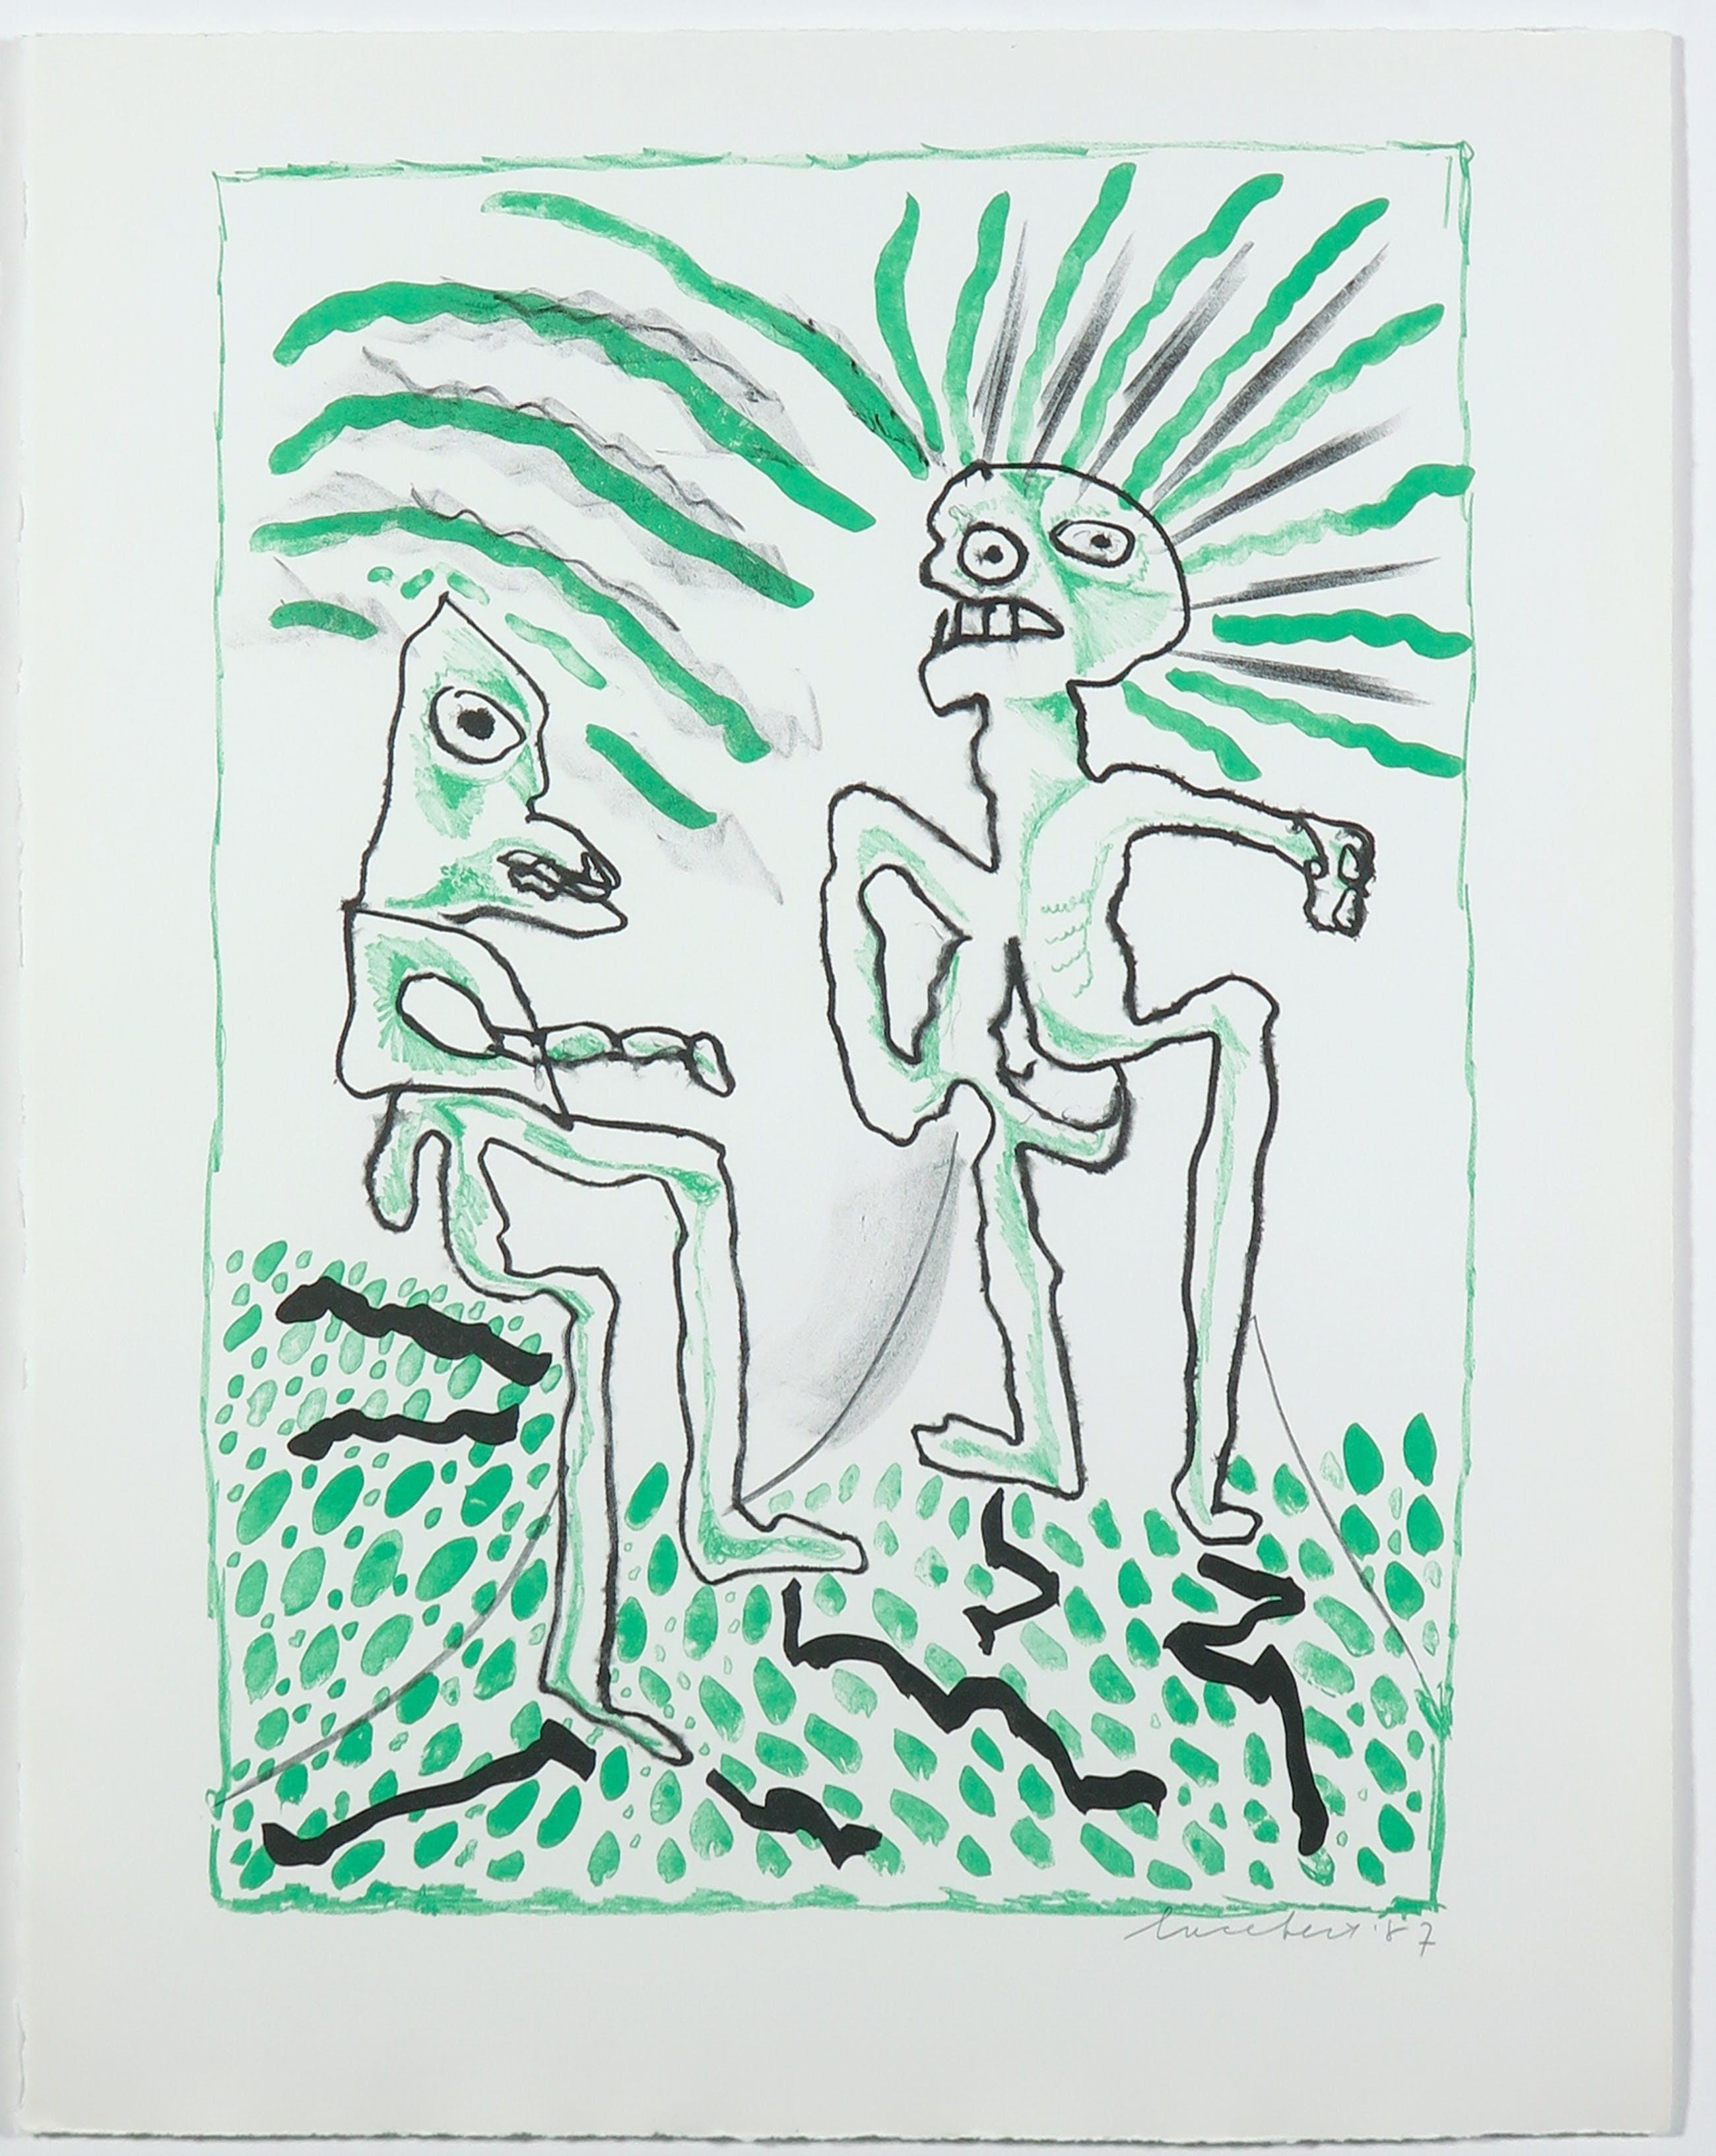 Lucebert - Litho uit het portfolio Fantasia - Ingelijst kopen? Bied vanaf 150!